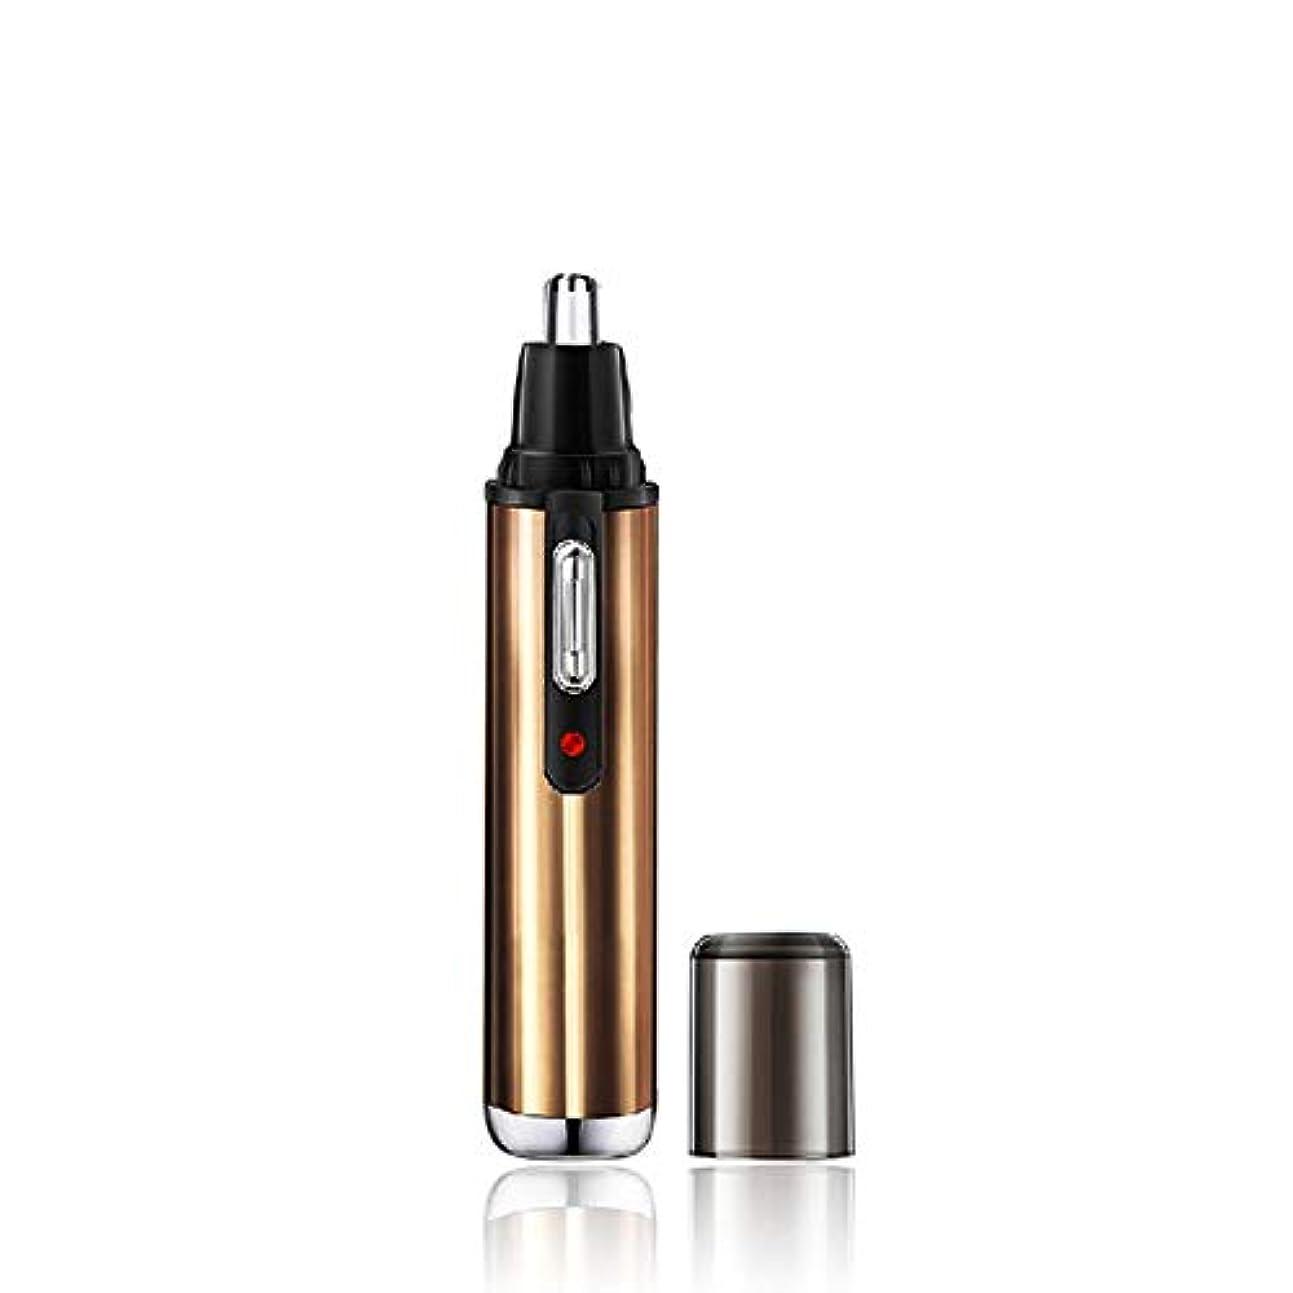 ノーズヘアトリマー-ファッションアルミ素材ノーズヘアトリマー/カッターヘッド洗浄滅菌設計/低電圧防爆省エネ/多機能バージョン 操作が簡単